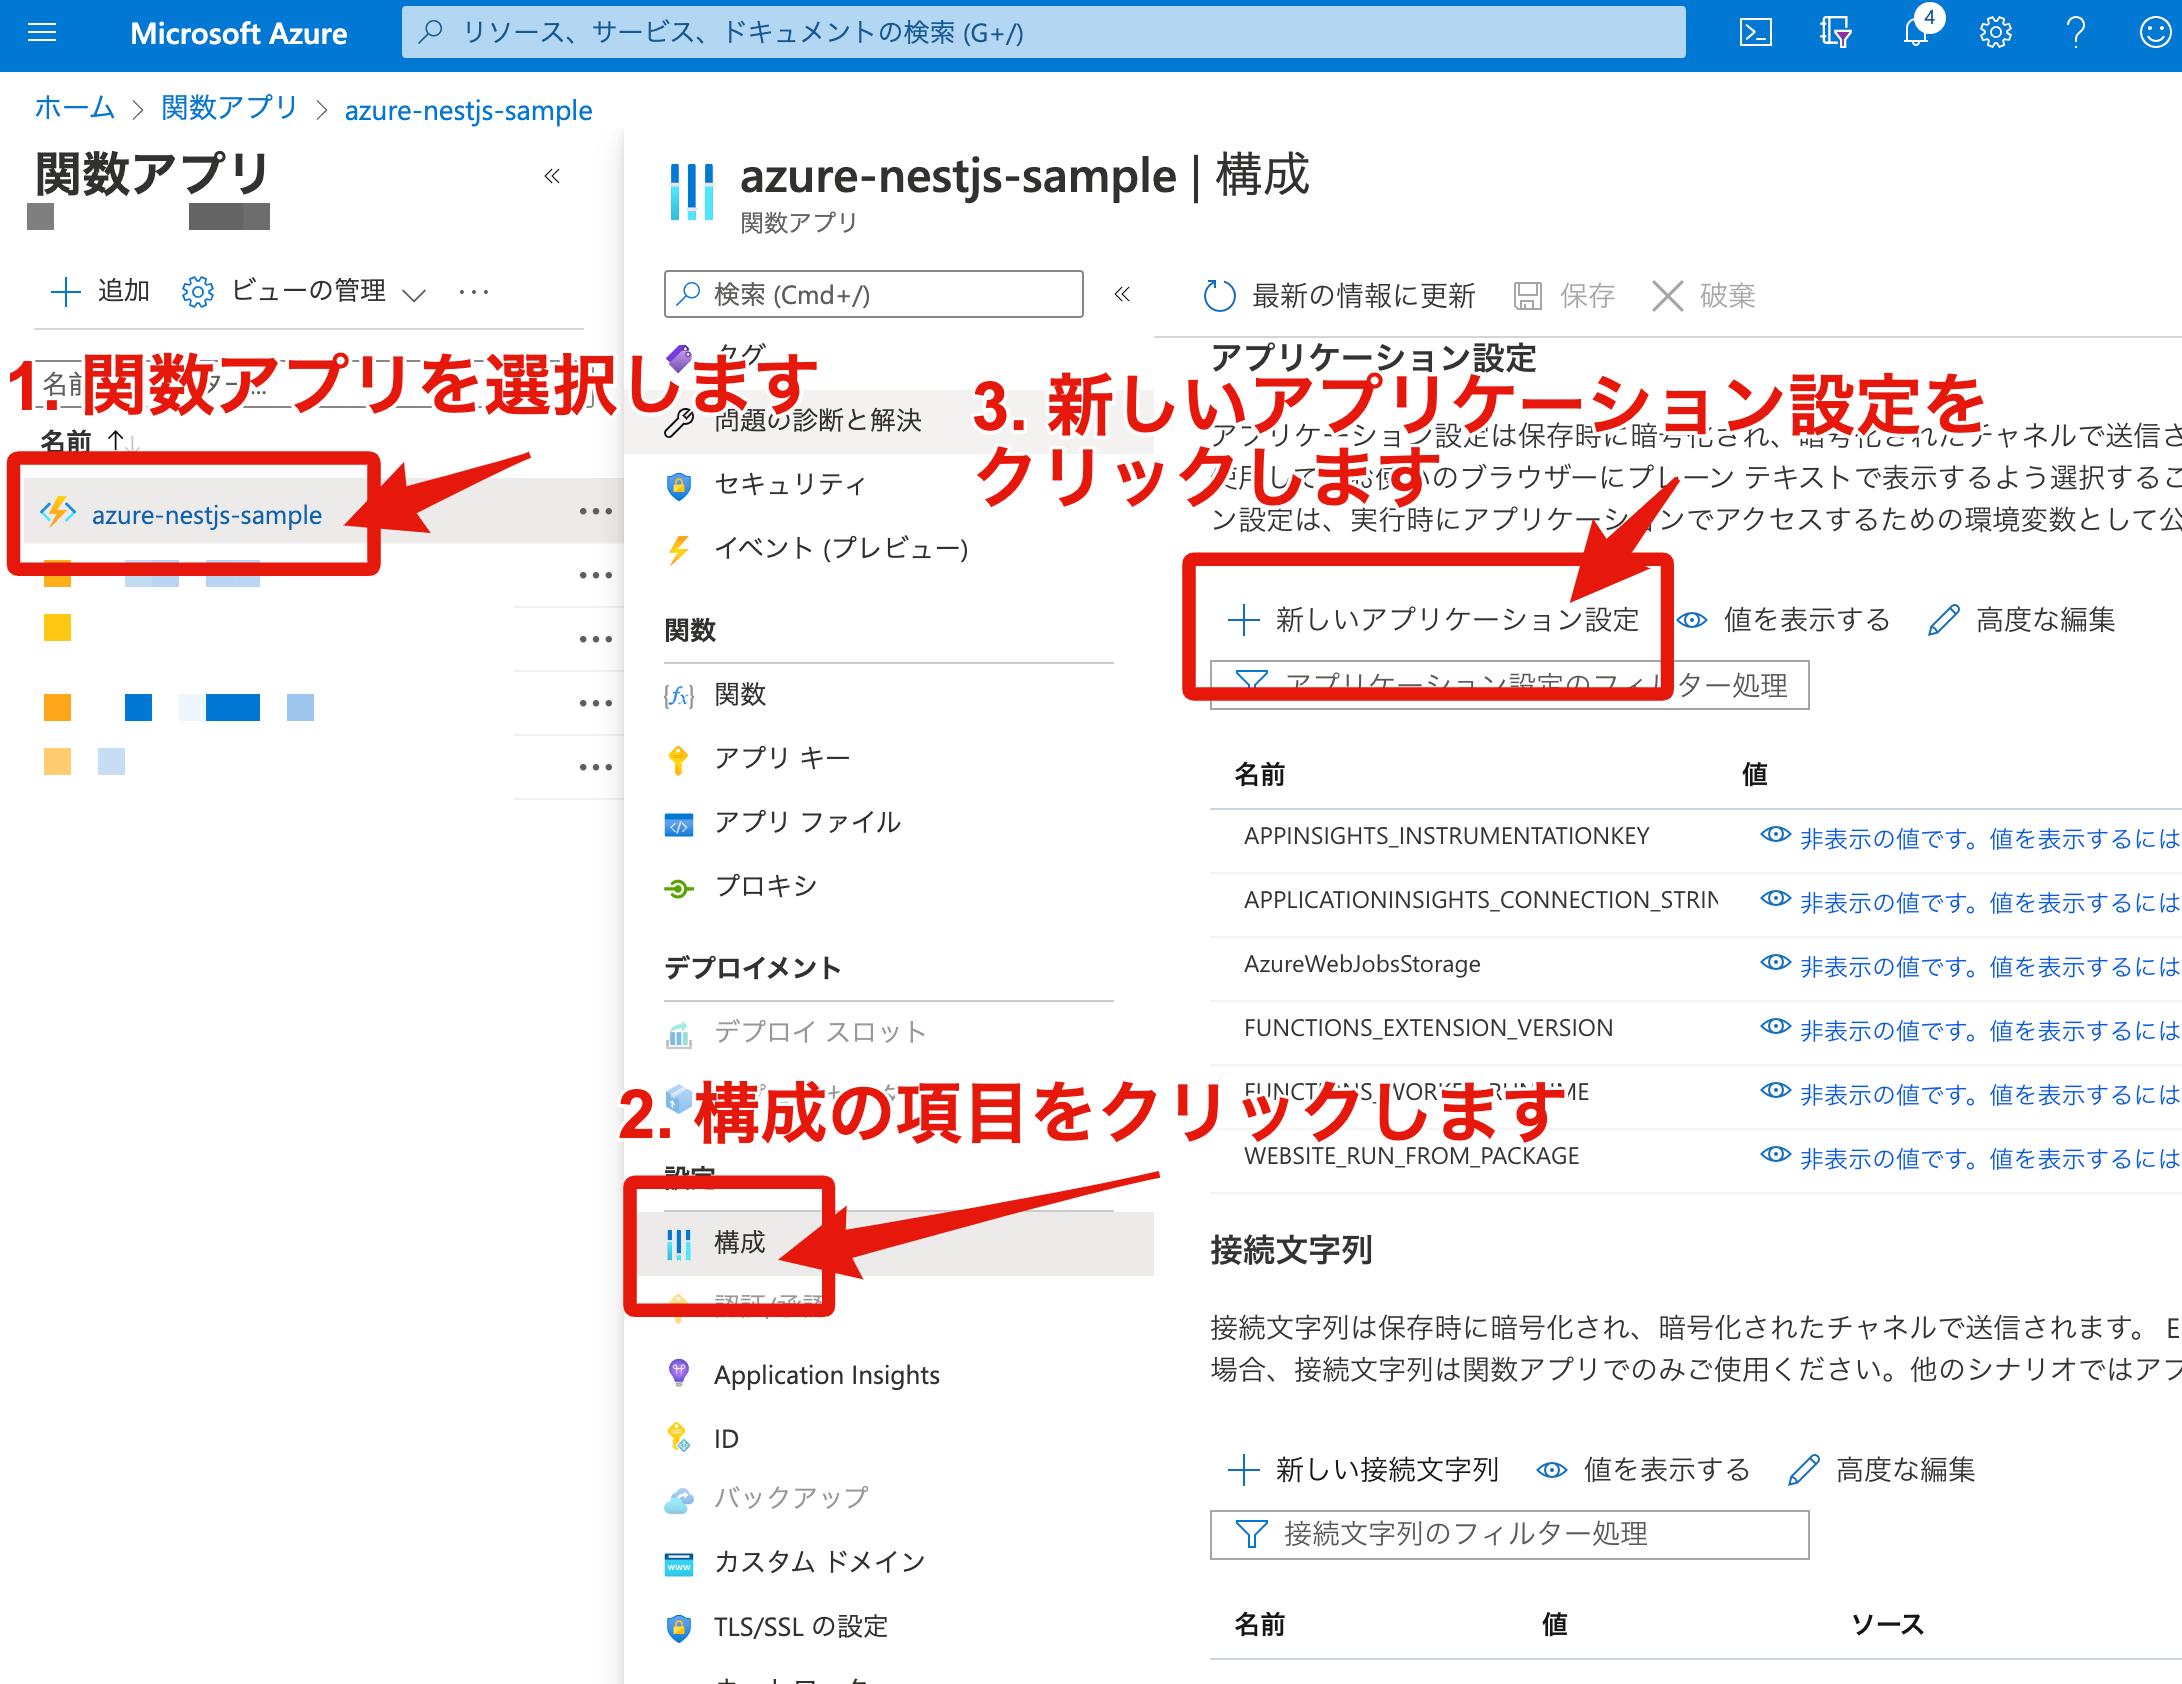 1. 関数アプリのアプリケーション設定追加画面に遷移する